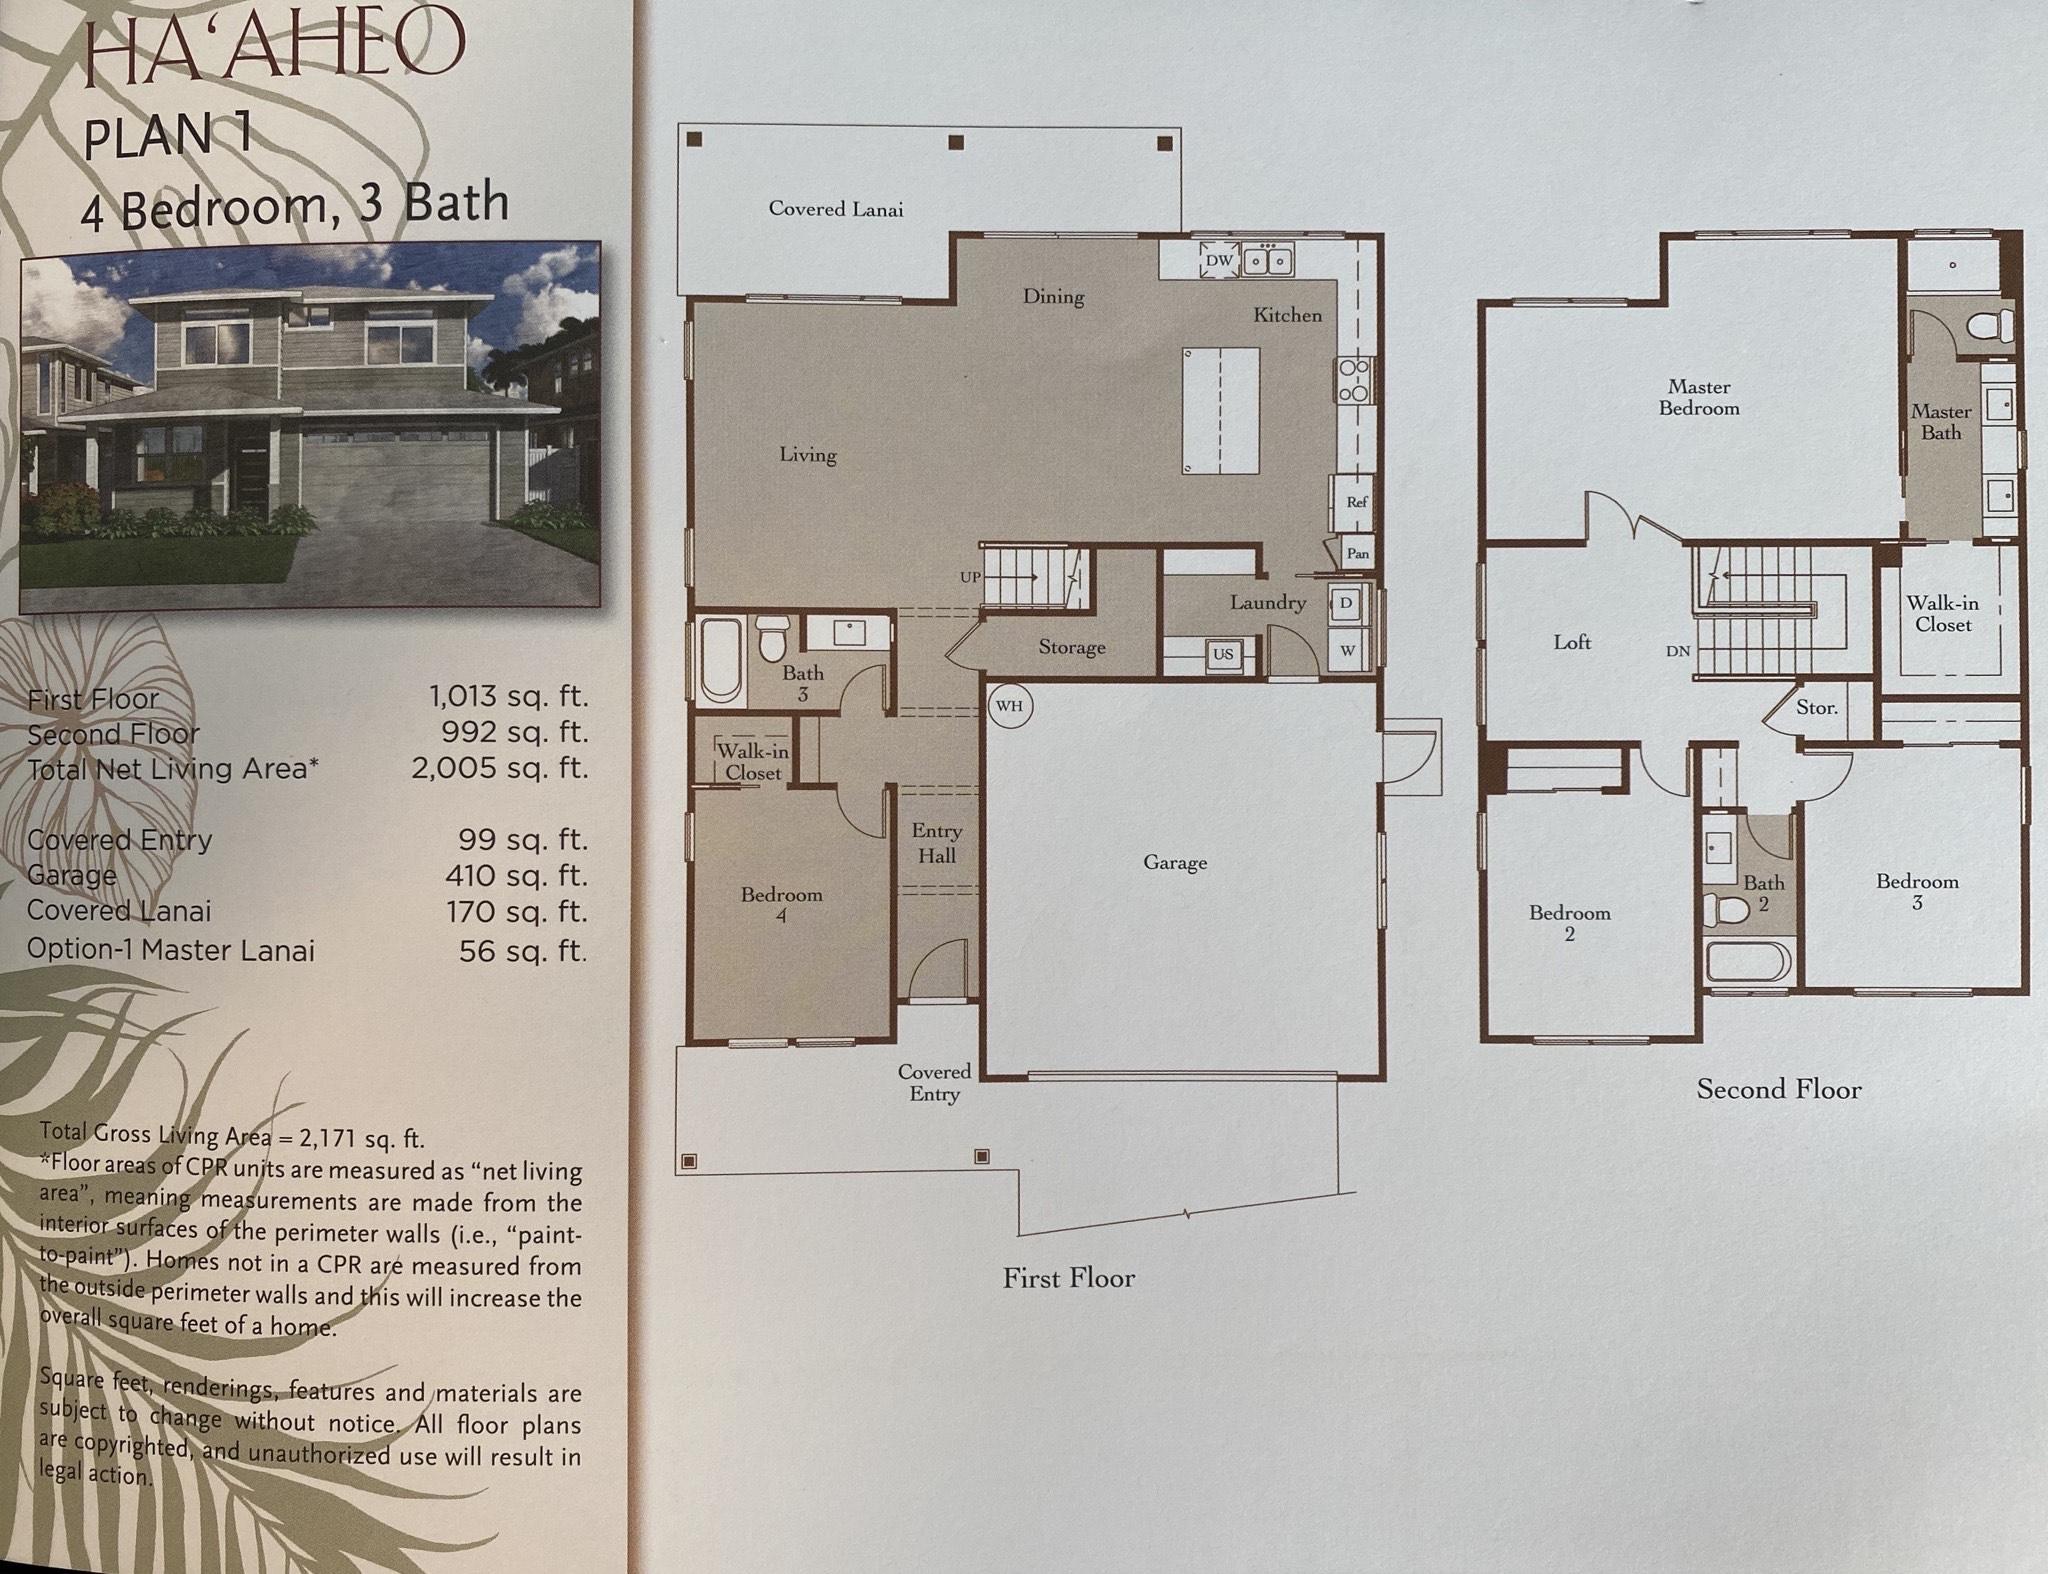 Kealii Haaheo Floor Plan 1